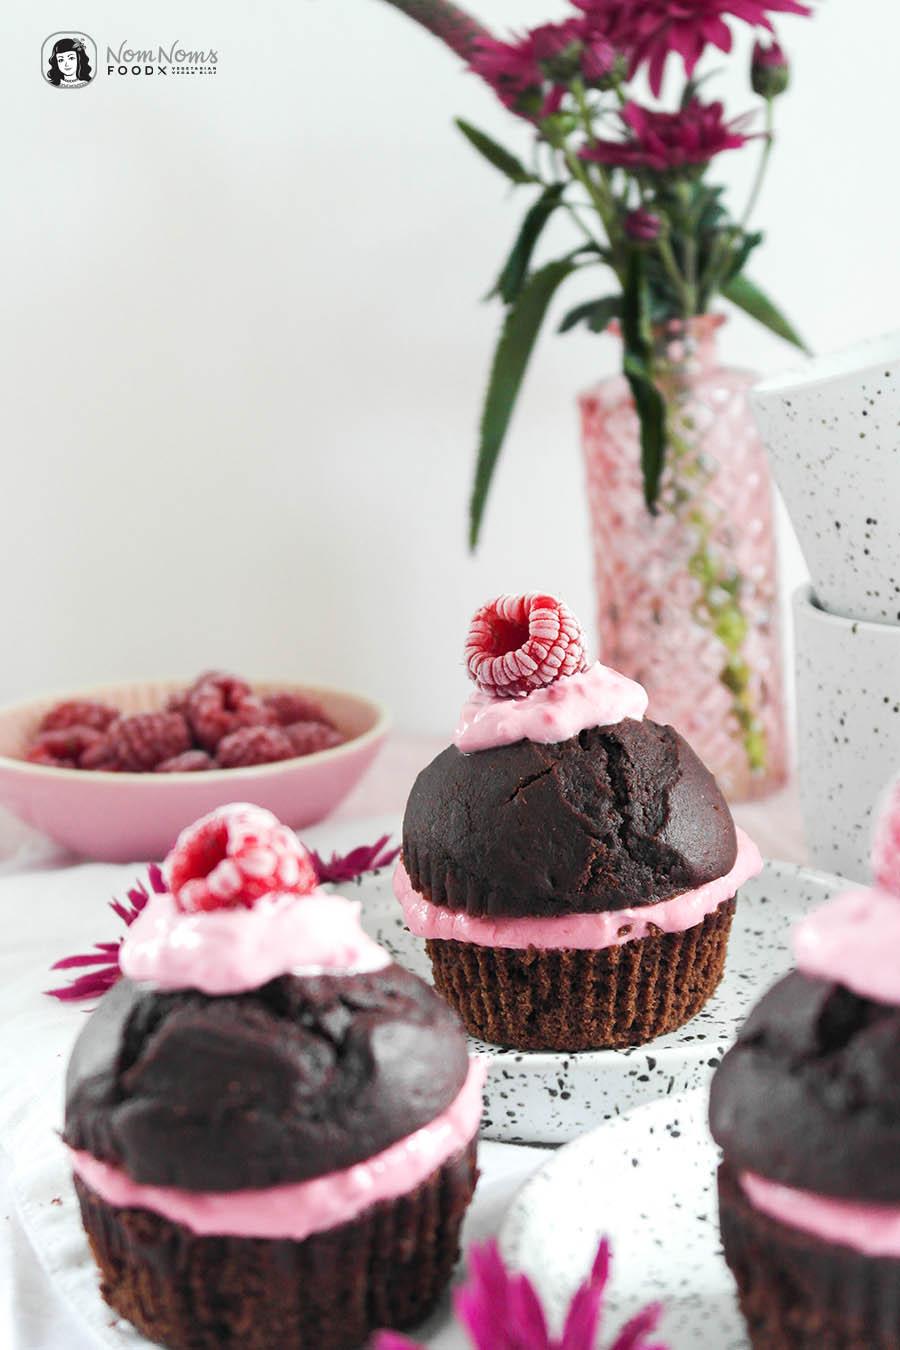 Gesündere und zuckerfreie Schokoladen-Muffins mit Himbeer-Frischkäse-Füllung Welt Diabetes Tag World Diabetes Day Diabetiker Freundlich